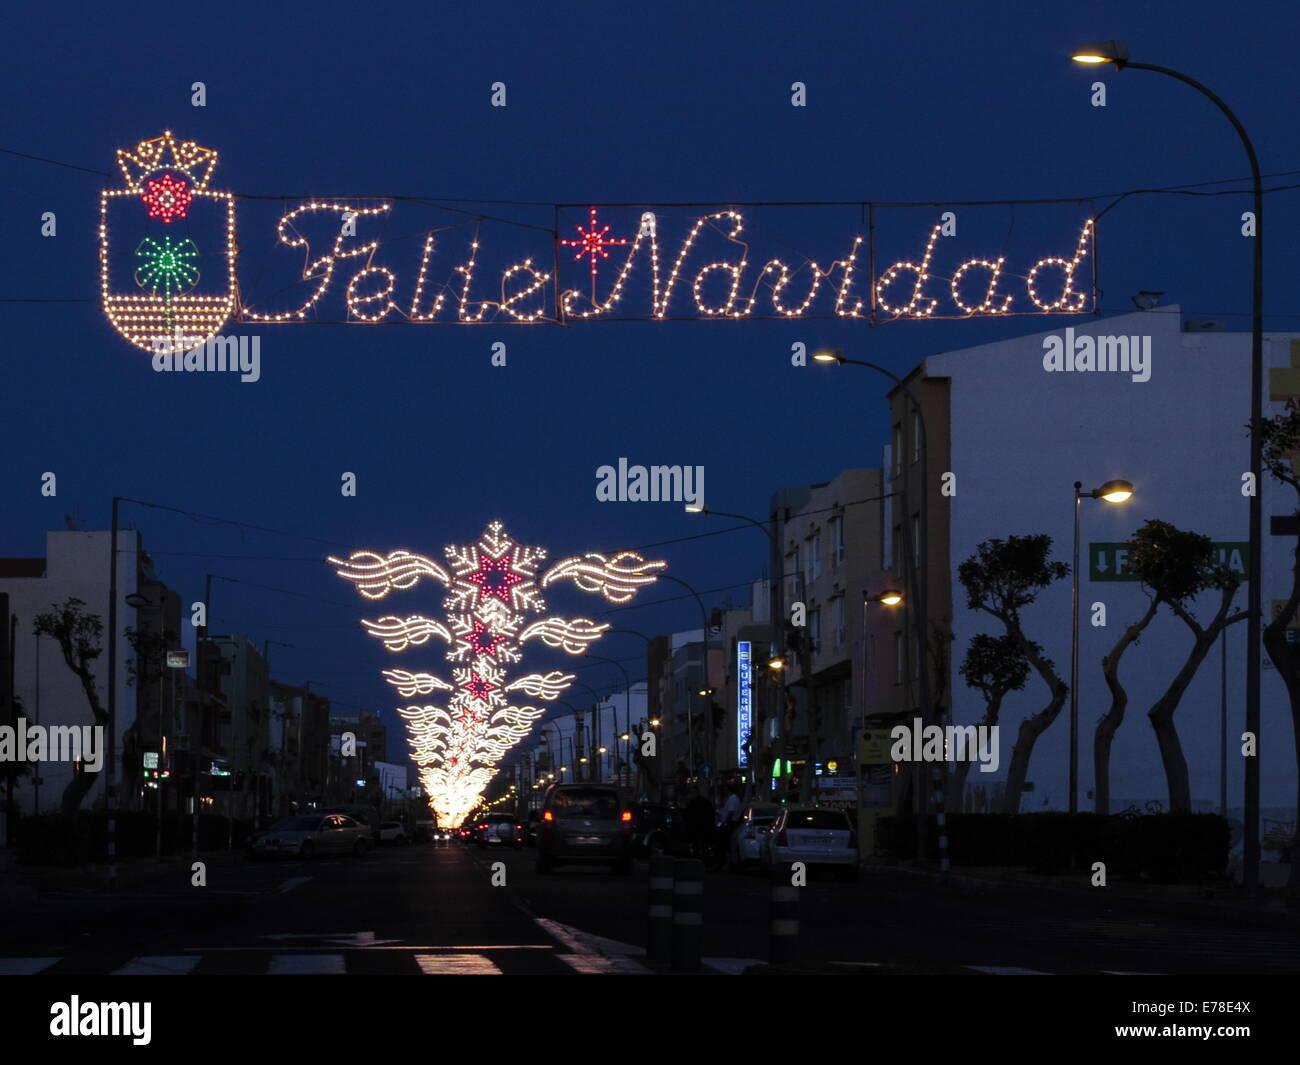 Iluminaciones de Navidad, incluyendo un panel mostrando Feliz Navidad Feliz Navidad (en español). Imagen De Stock